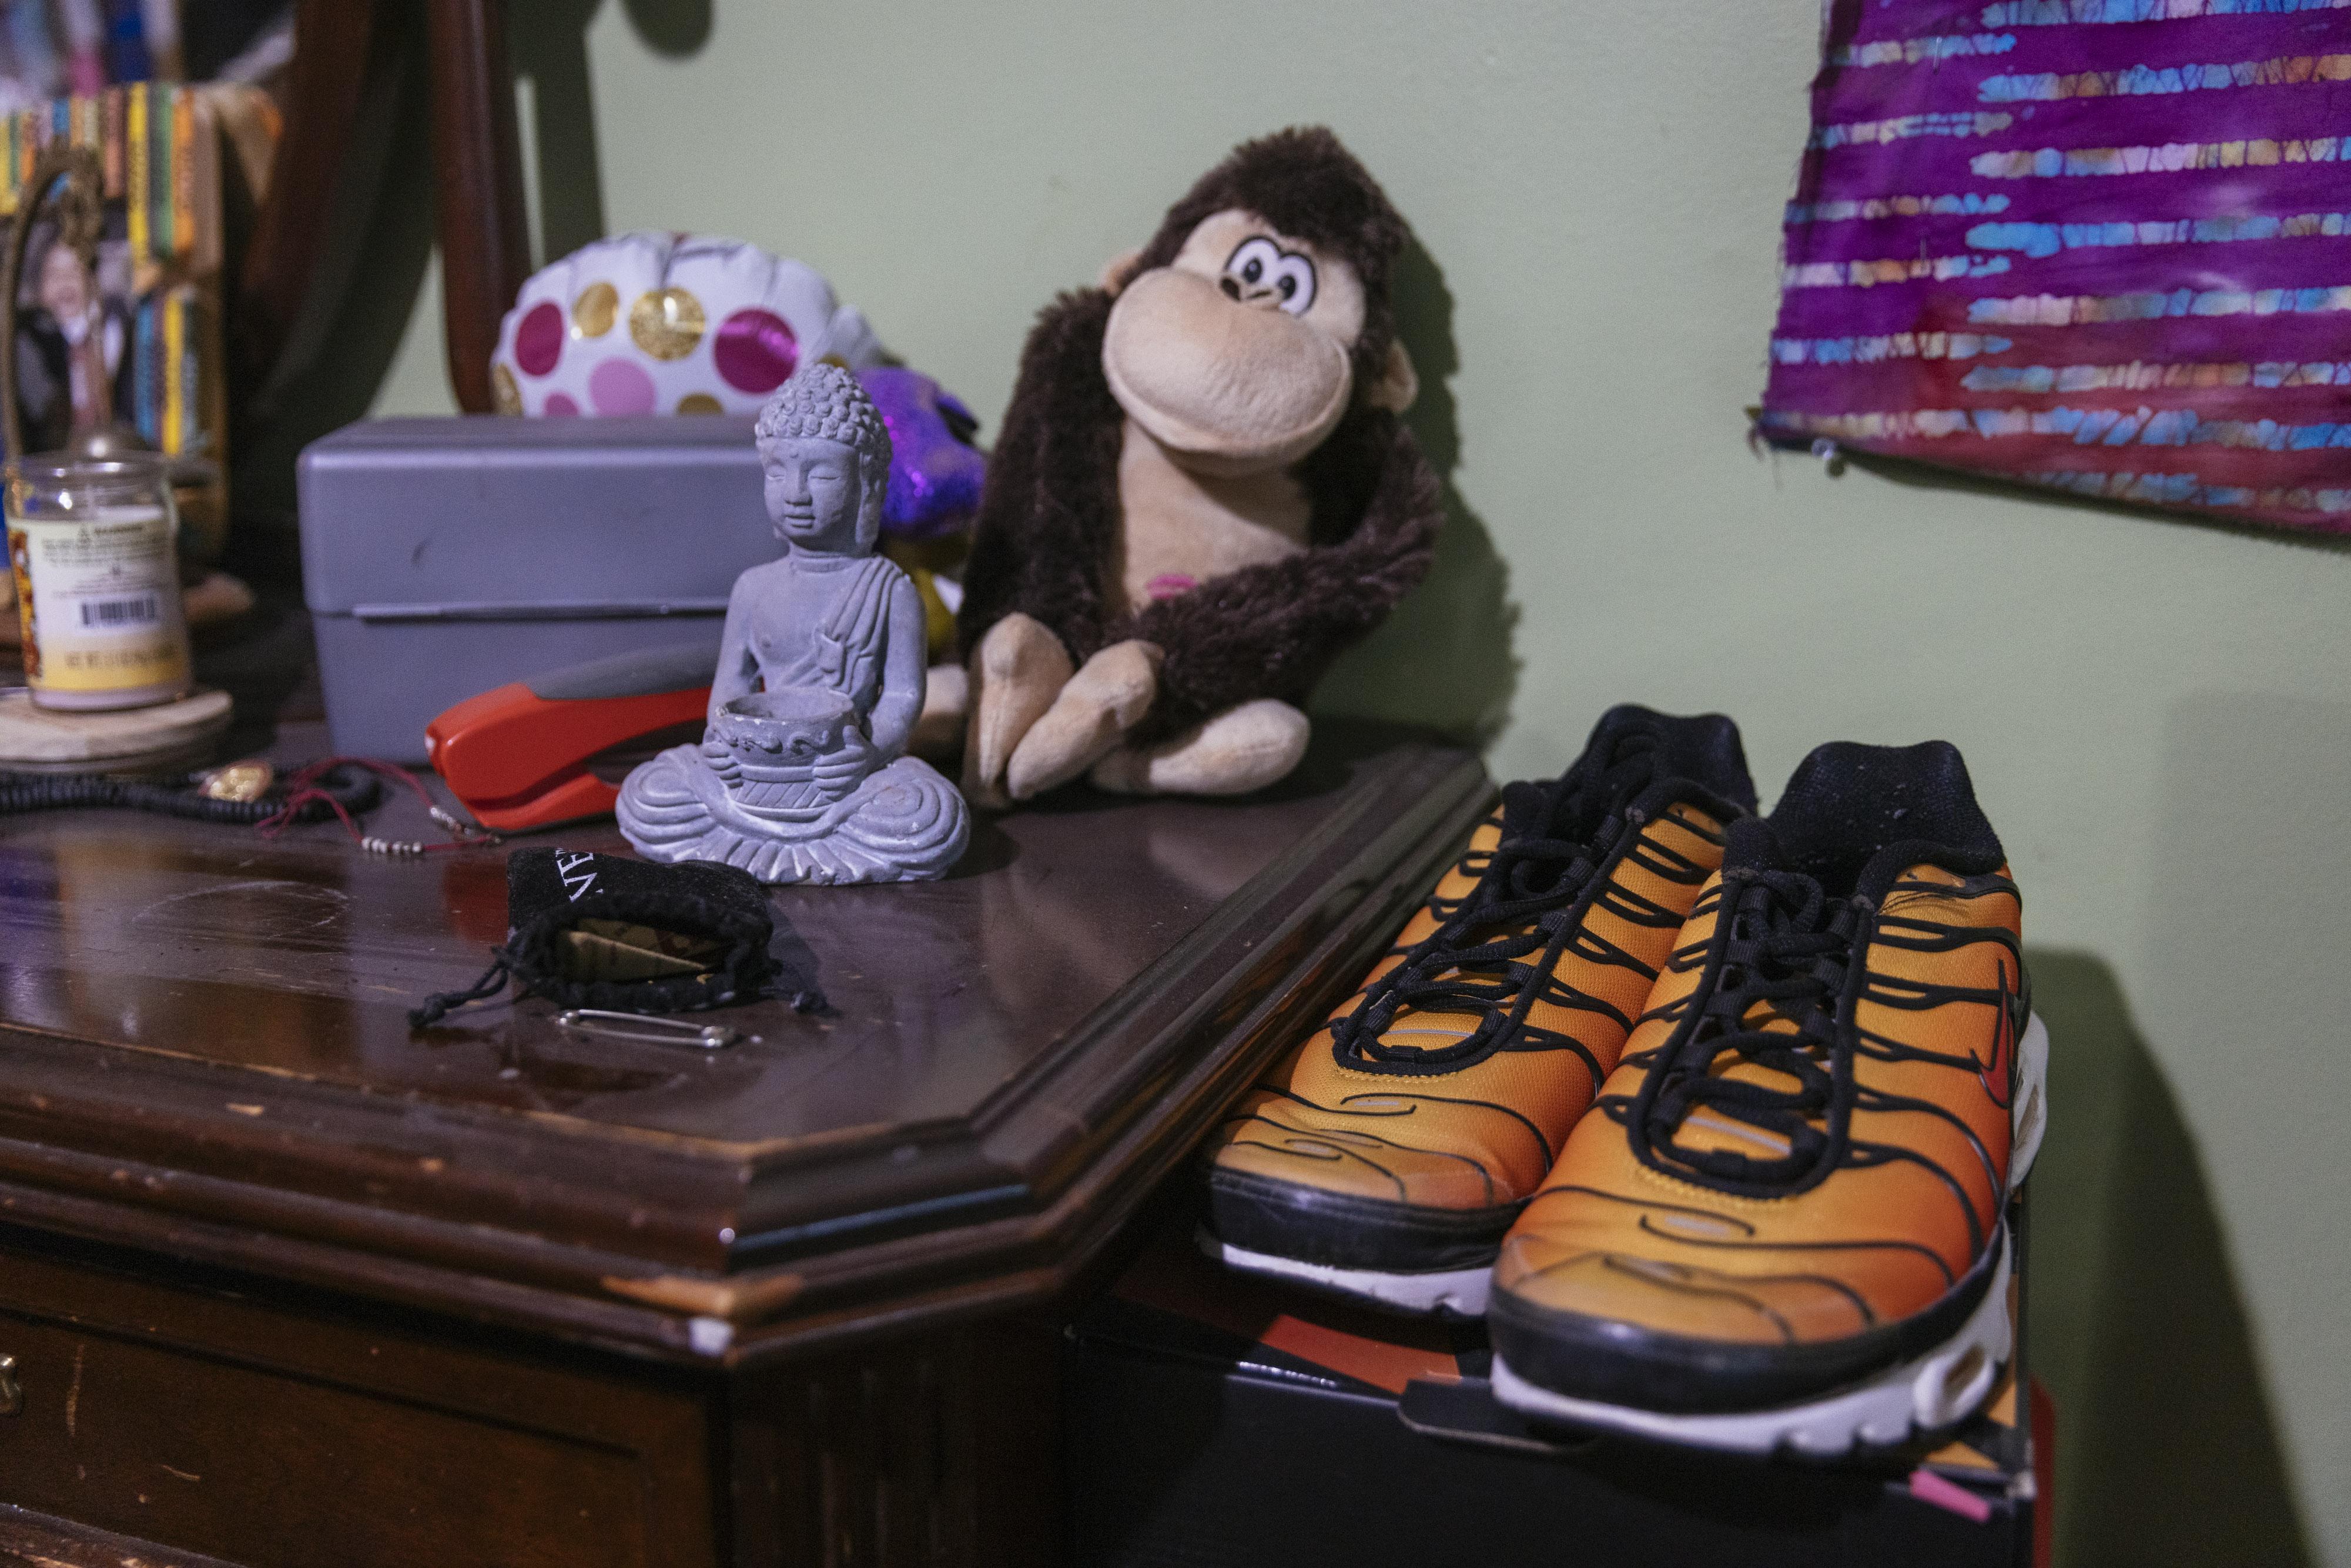 Jamal Clay's belongings on a dresser in his room